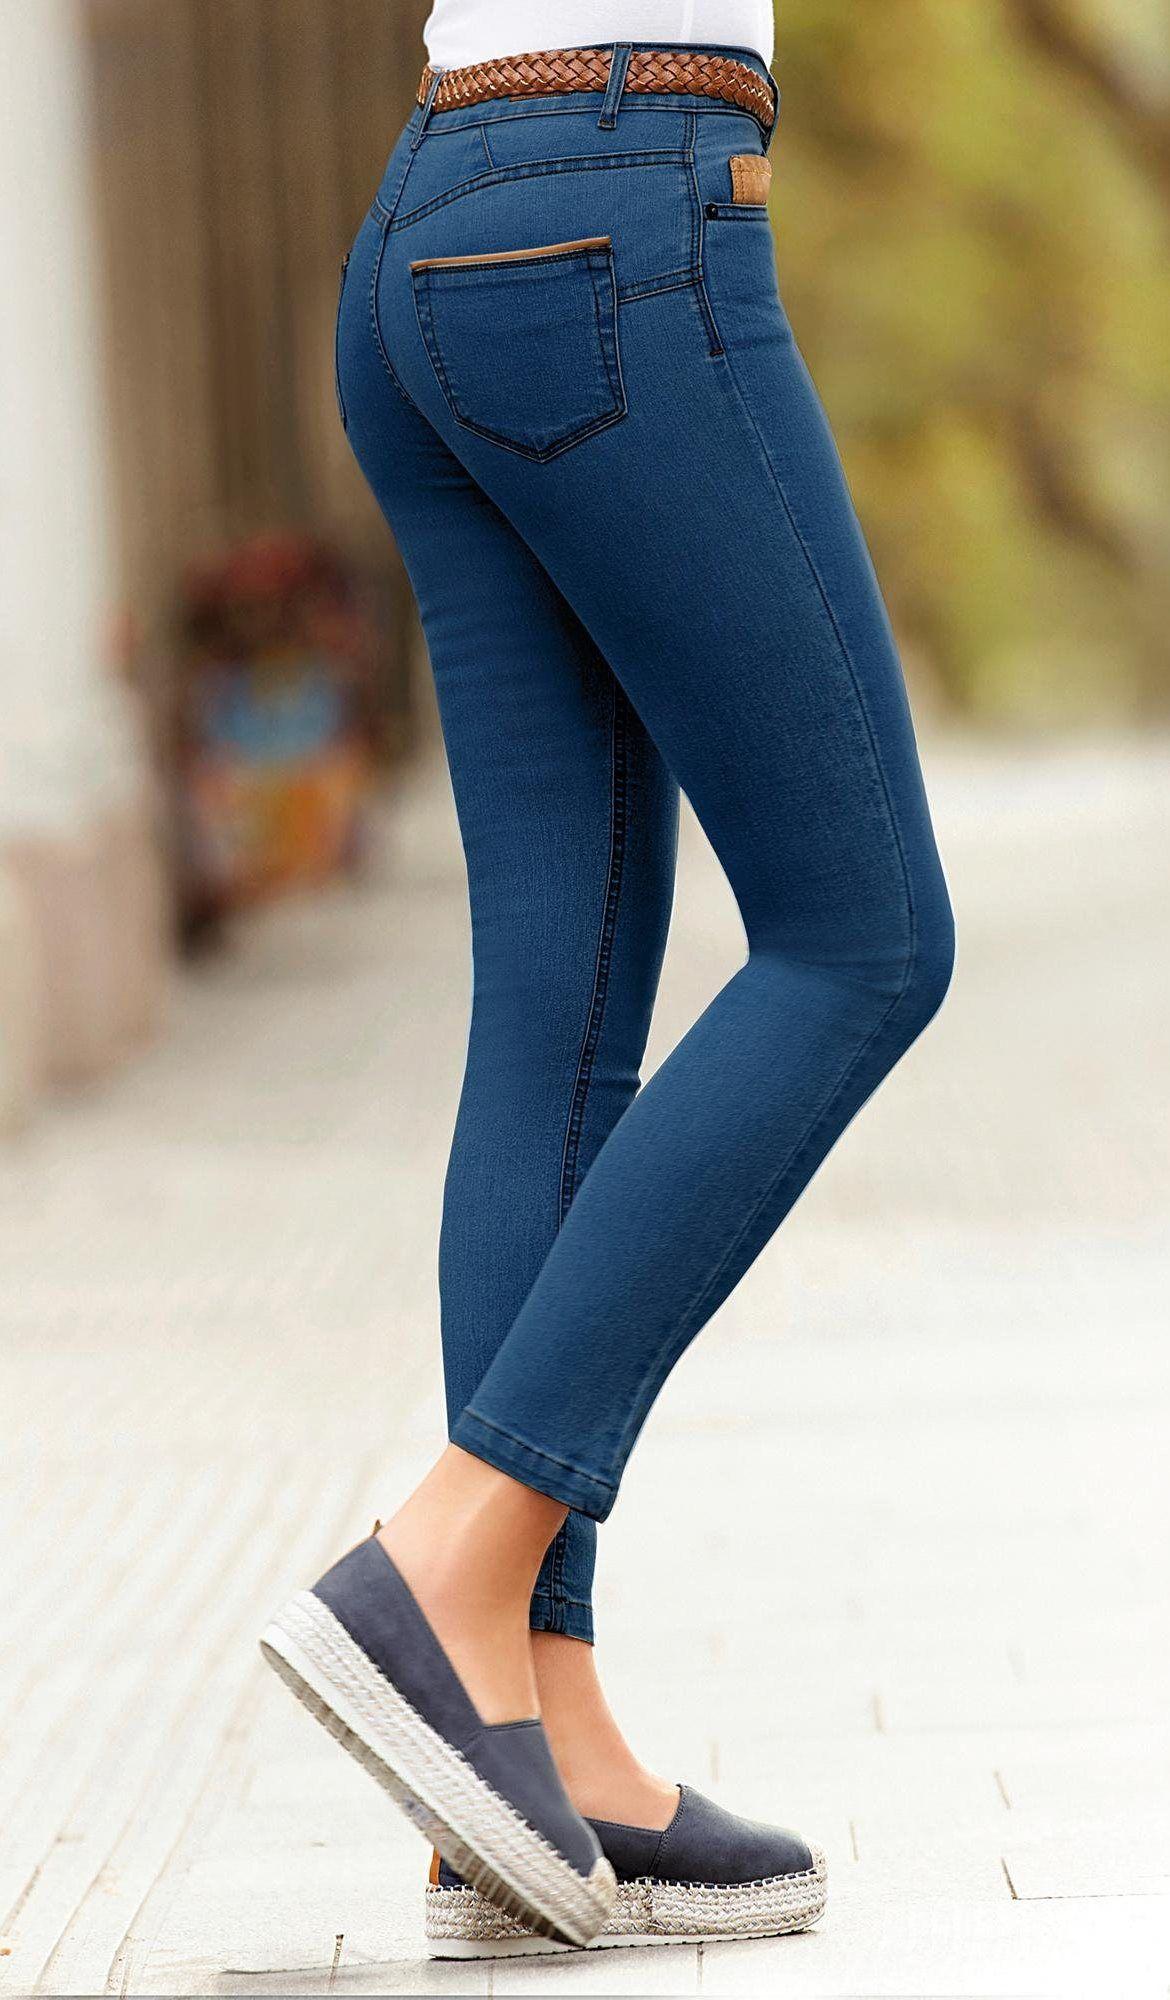 45611e4a84a6 Jean skinny 5 poches taille haute femme Exclusivité 3SUISSES - Bleu